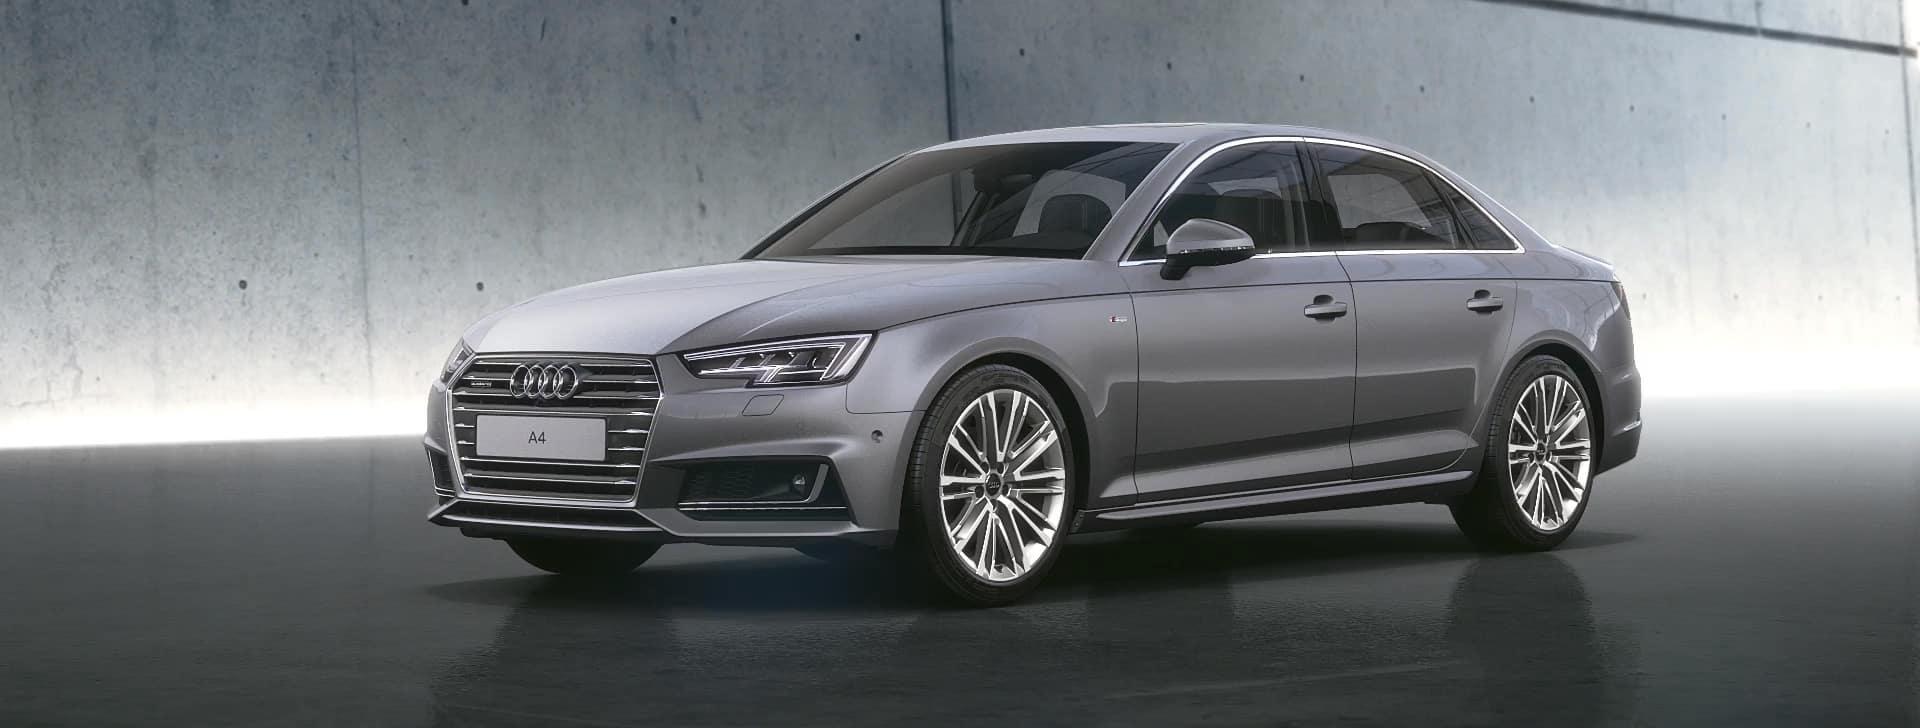 Audi A4 2019 Audi A4 2019 Audi Saudi Arabia